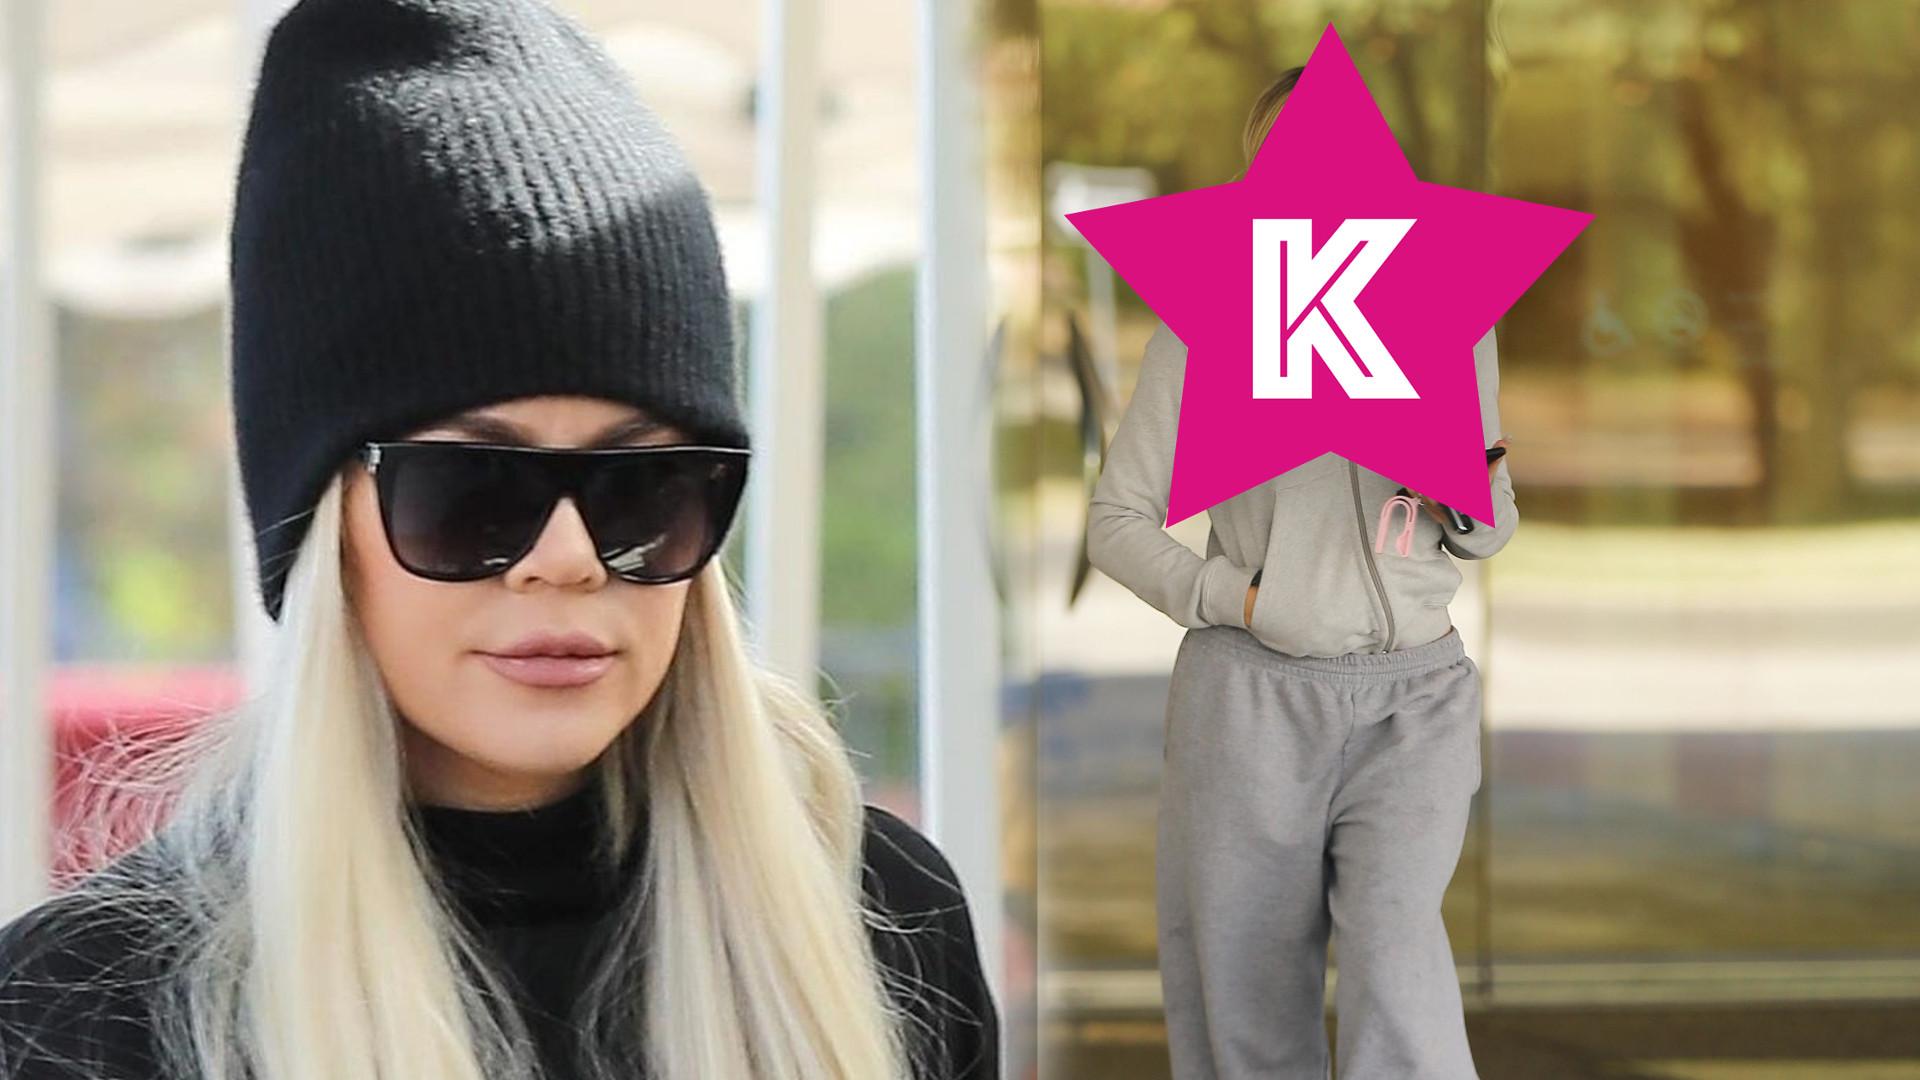 Khloe Kardashian z twarzą napuchniętą bardziej niż zwykle, pokazała się w wygodnym dresie